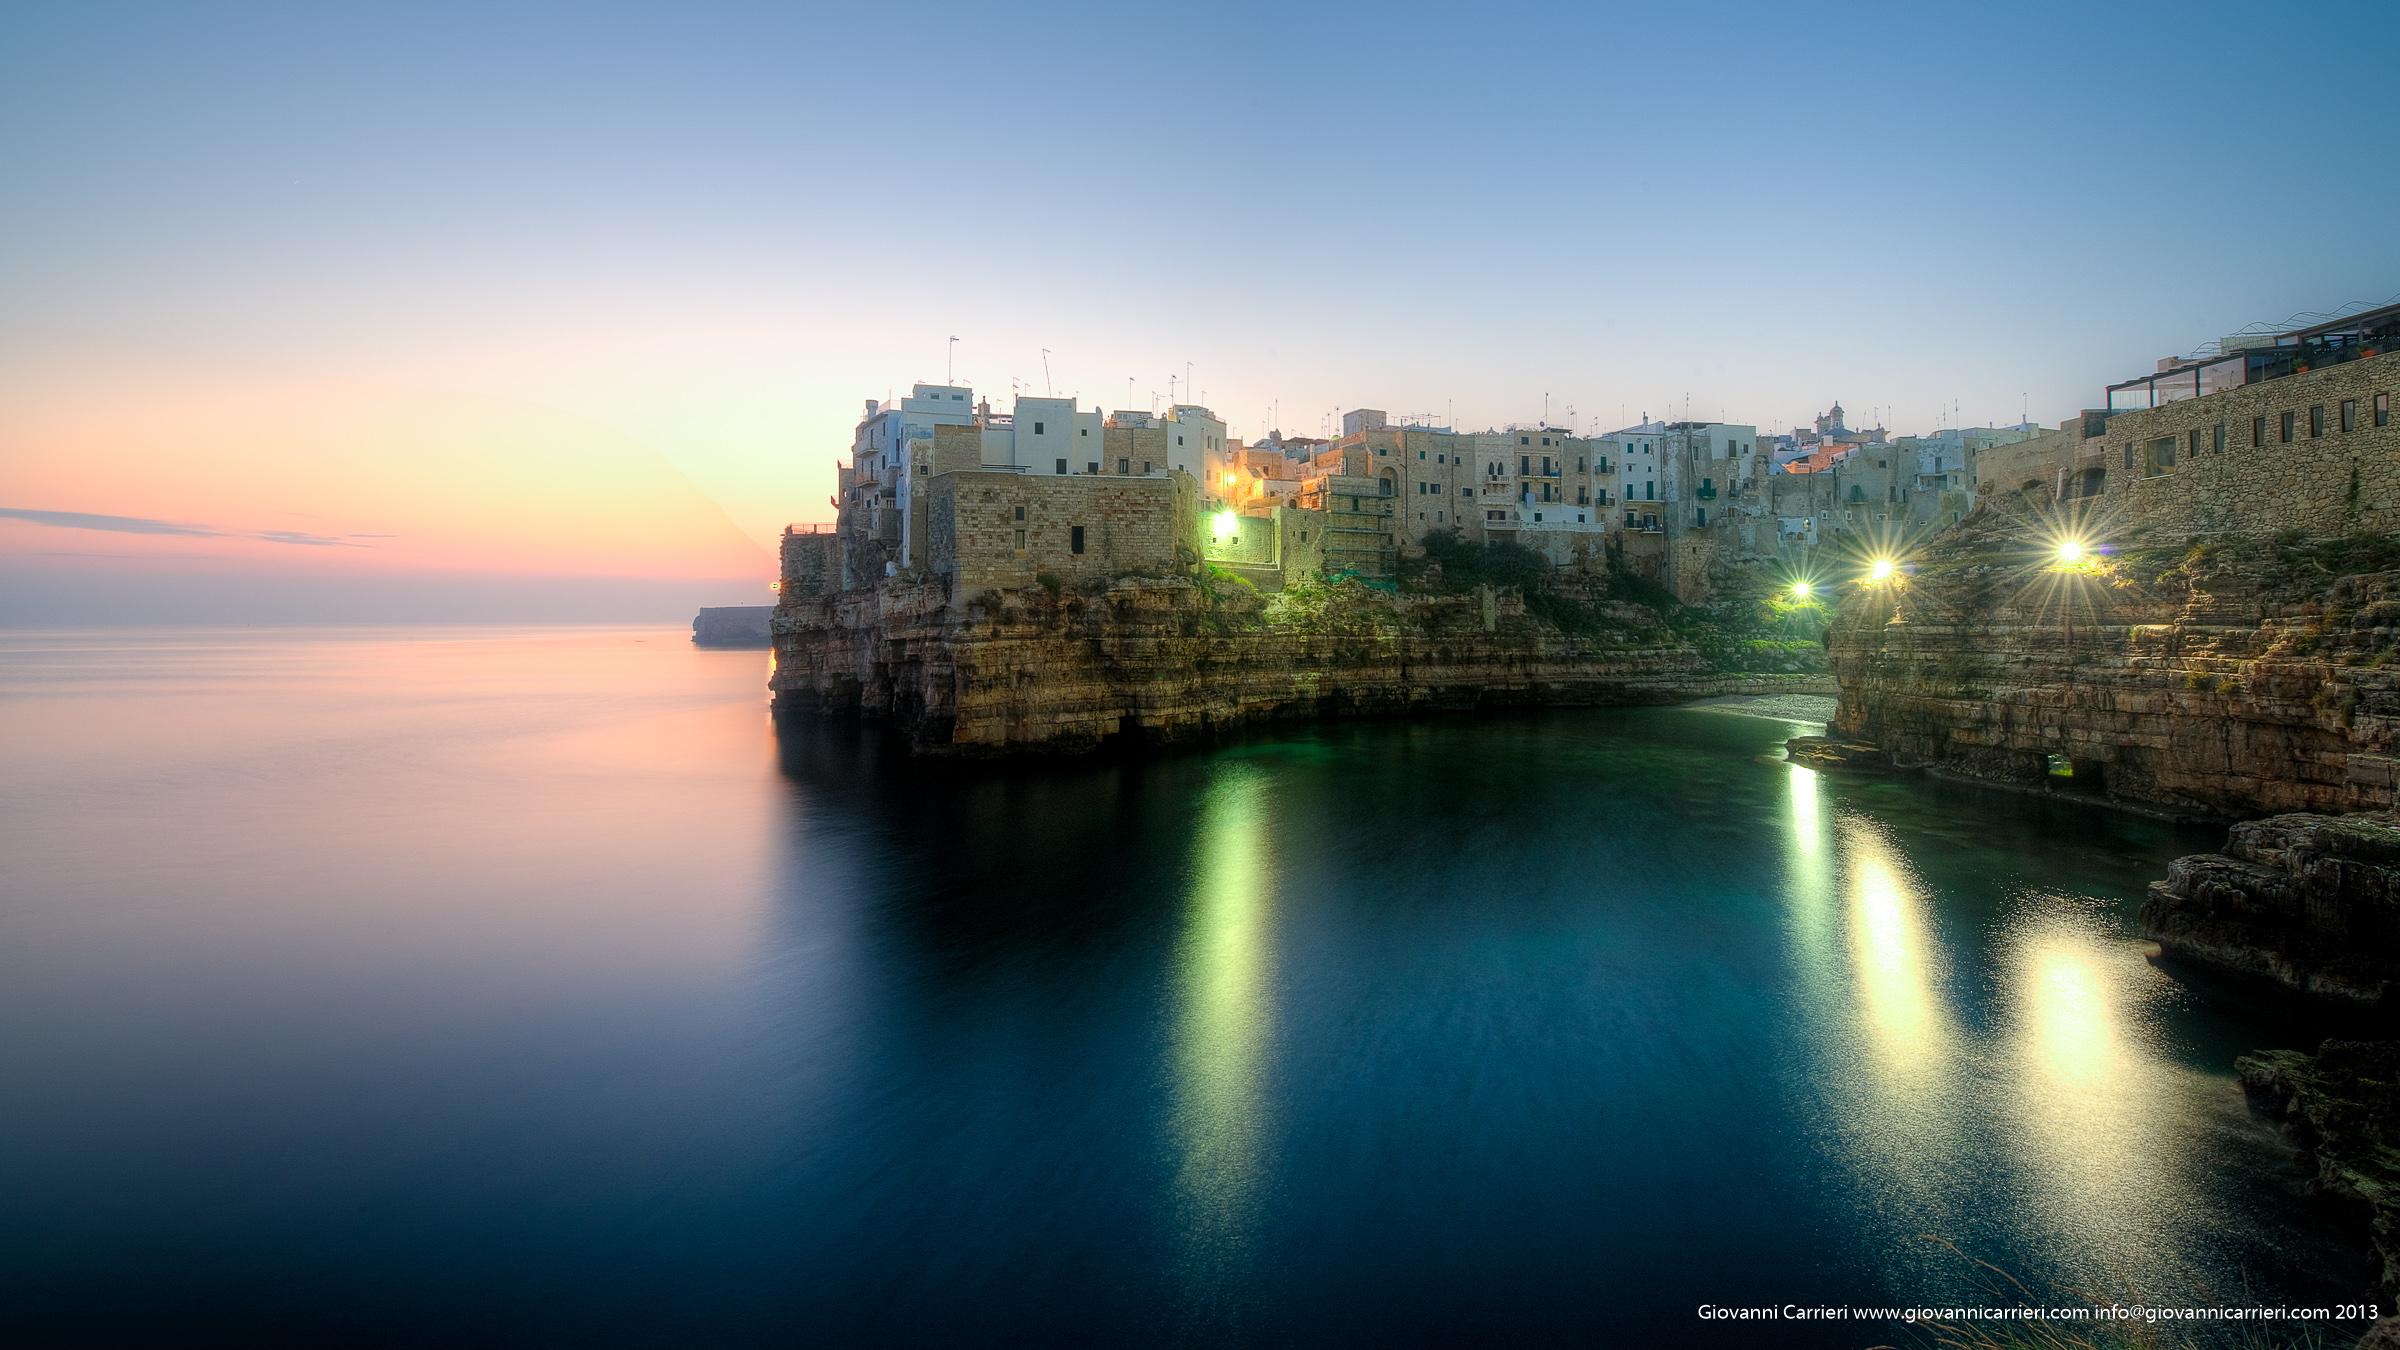 Qualche istante prima dell'alba - Polignano a Mare